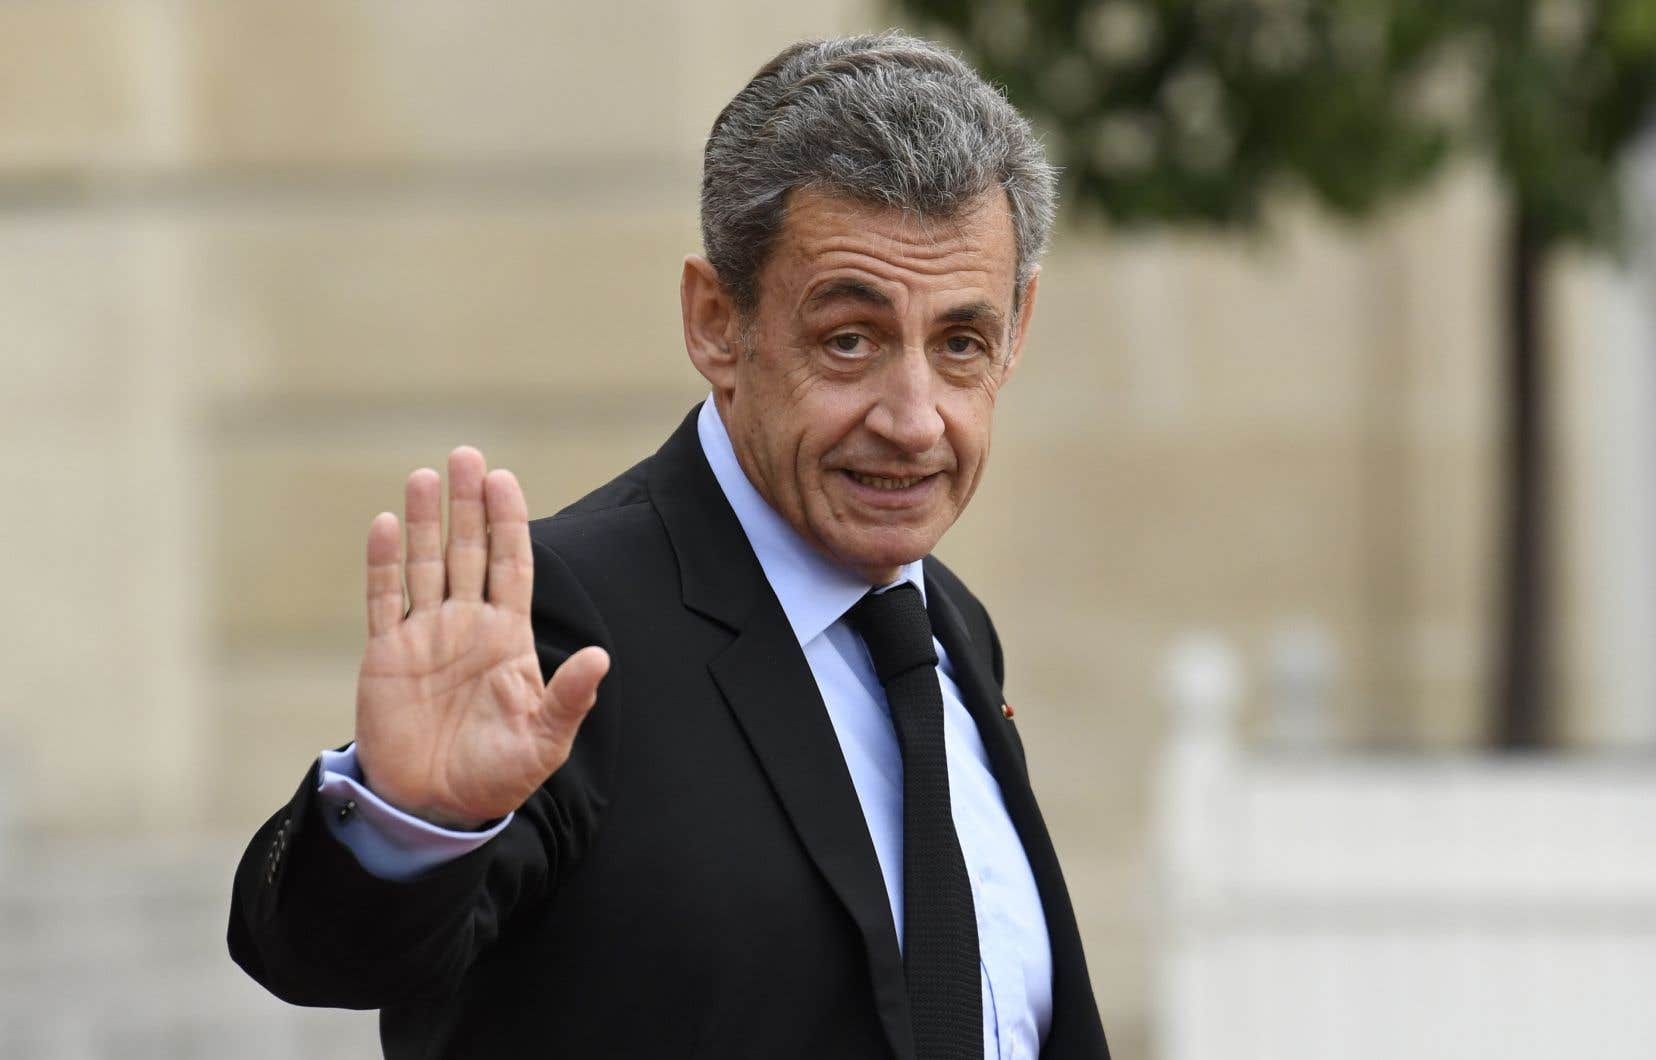 Le procès de l'ancien président français Nicolas Sarkozy aura finalement lieu.